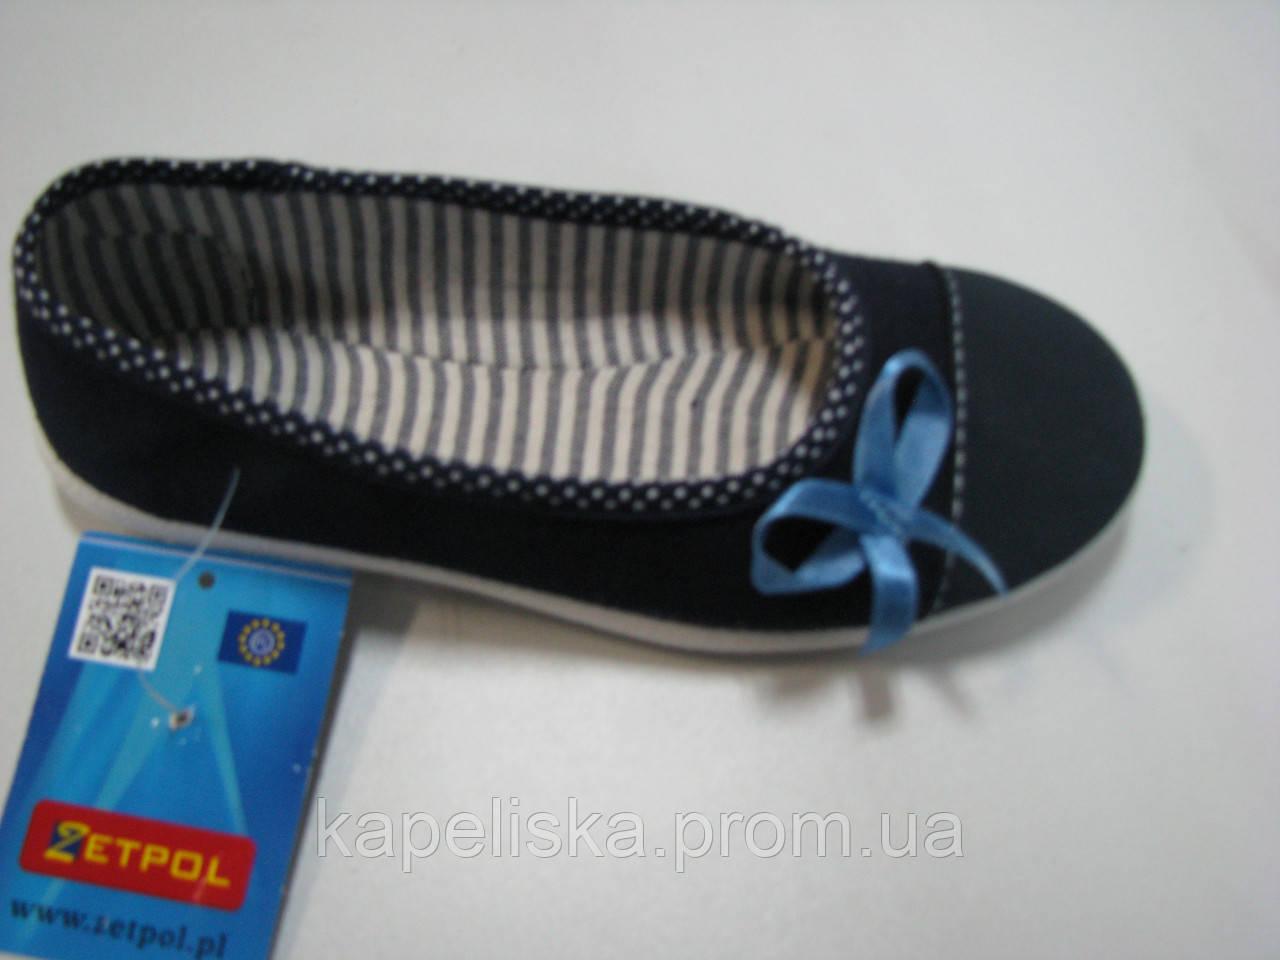 Zetpol зетпол тапочки для девочки, туфлі для дівчинки, лодочки